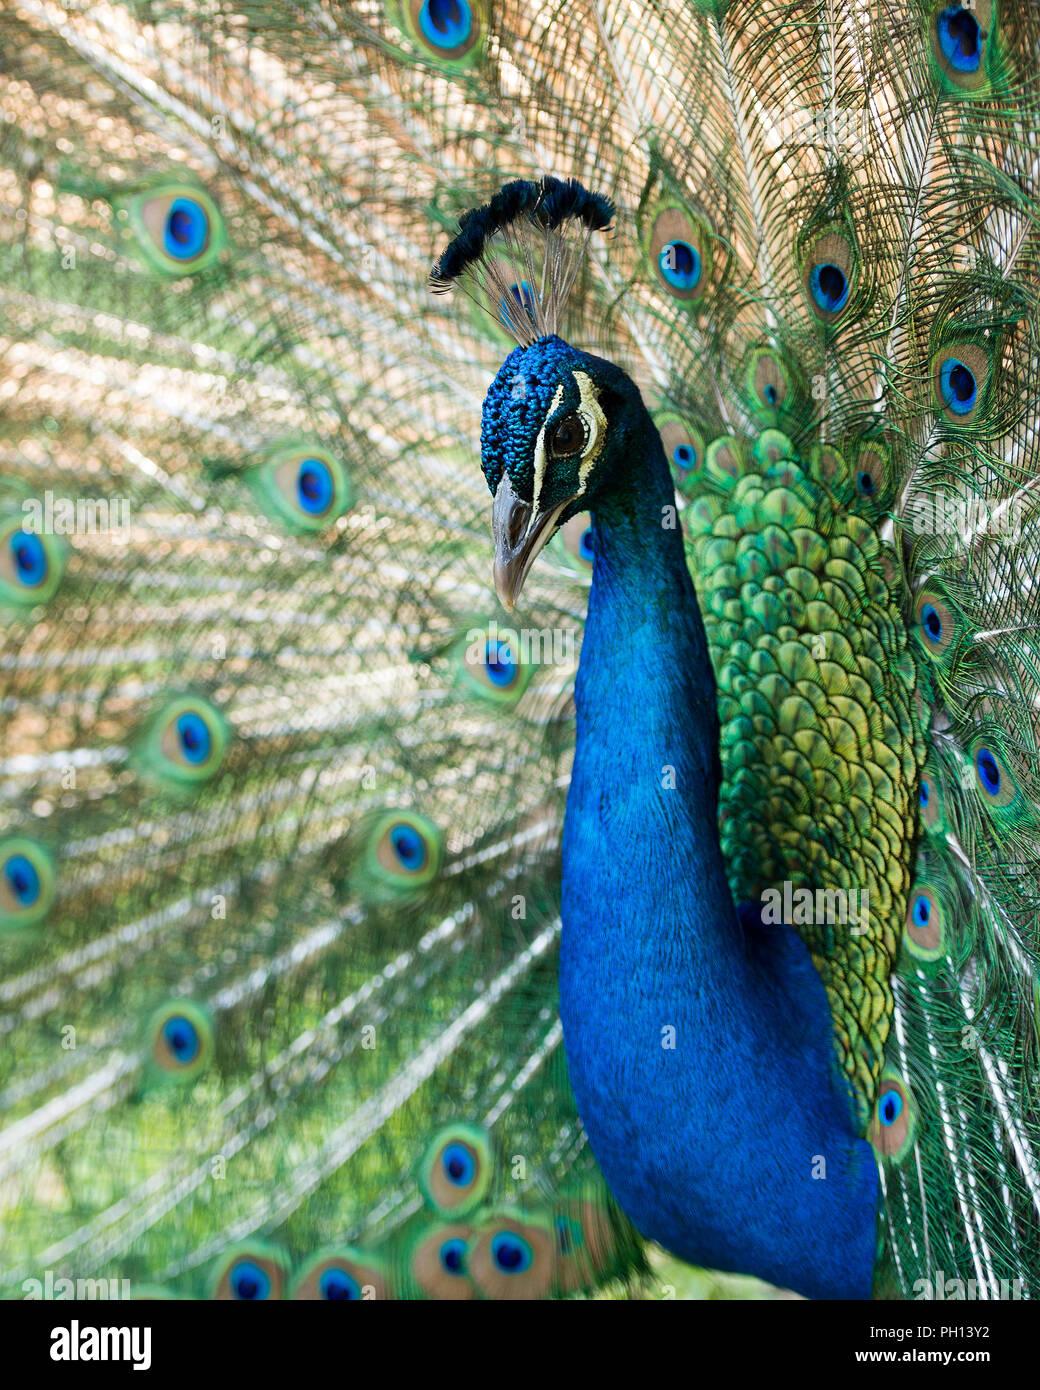 Peacock bird close up displaying his beautiful plumage. Stock Photo